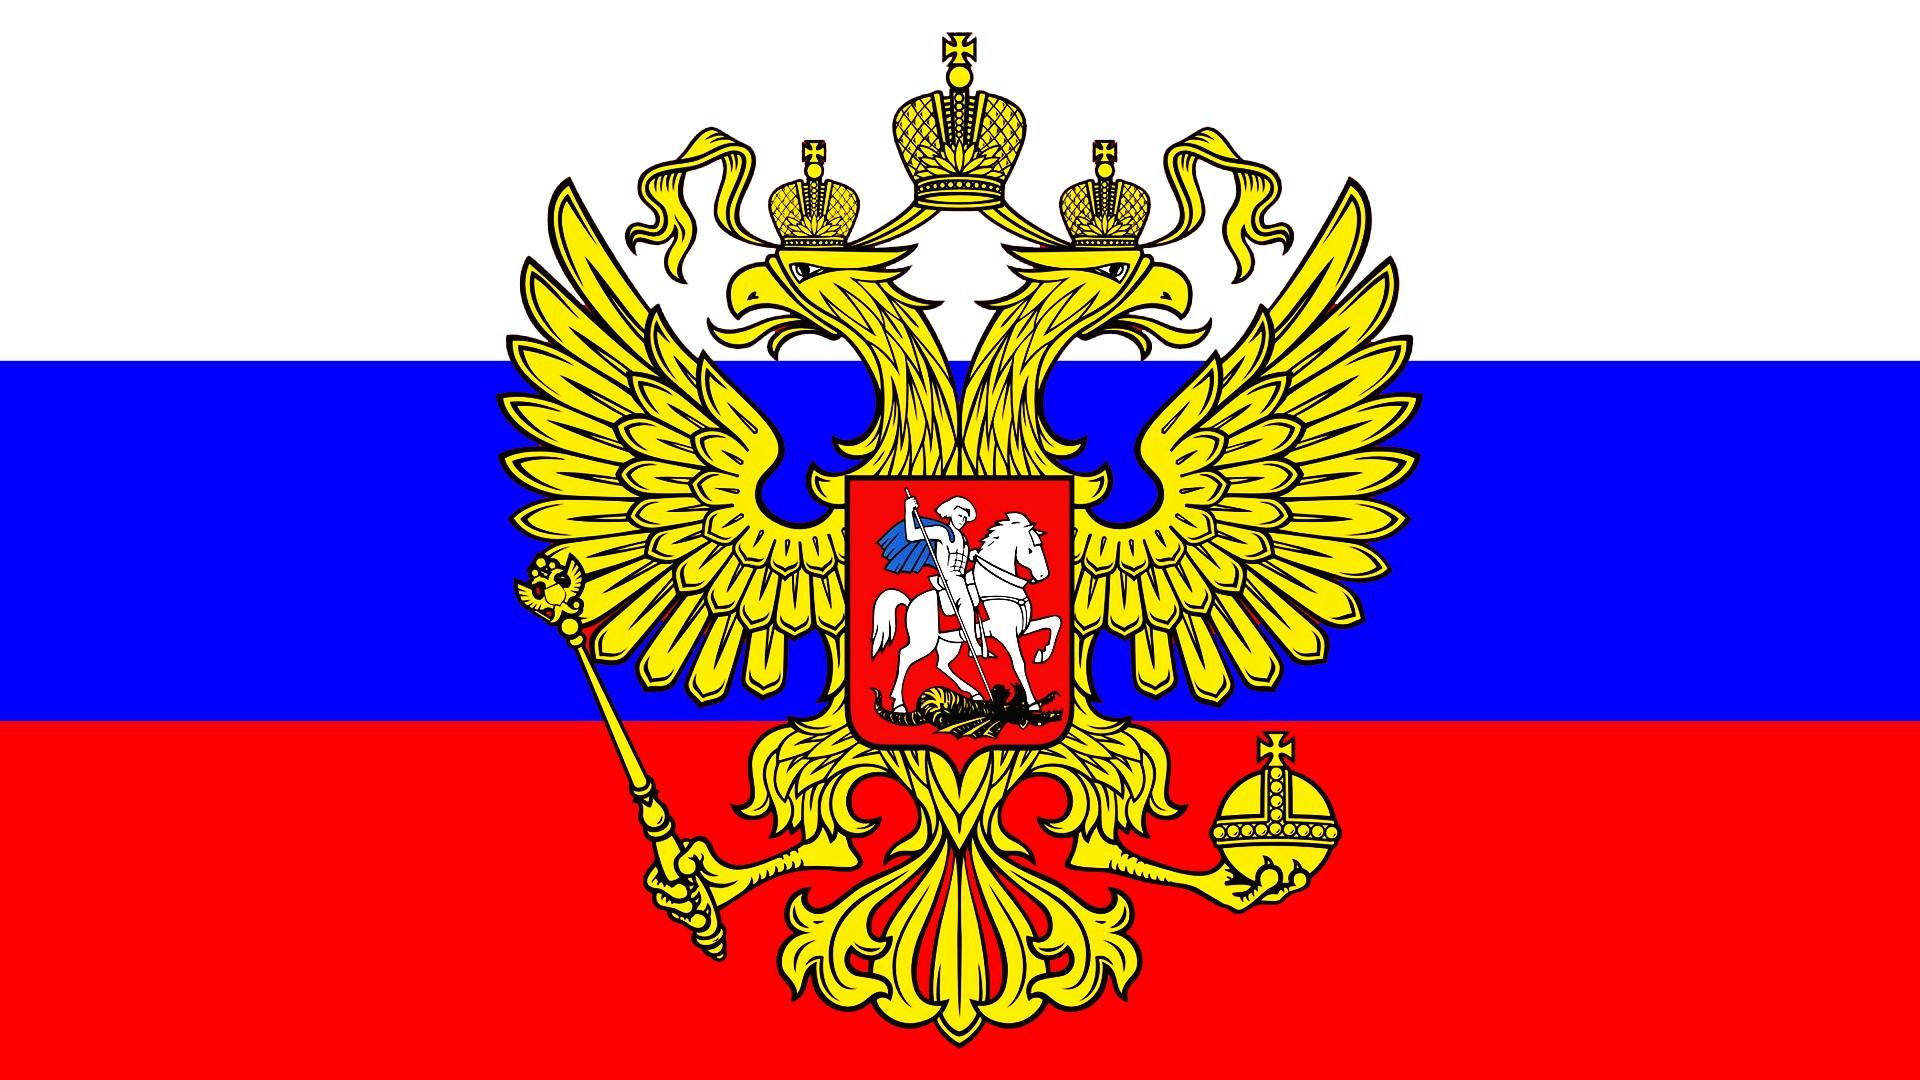 Новогоднее обращение президента Украины Леонида Кучмы (Интер, 31.12.1996)